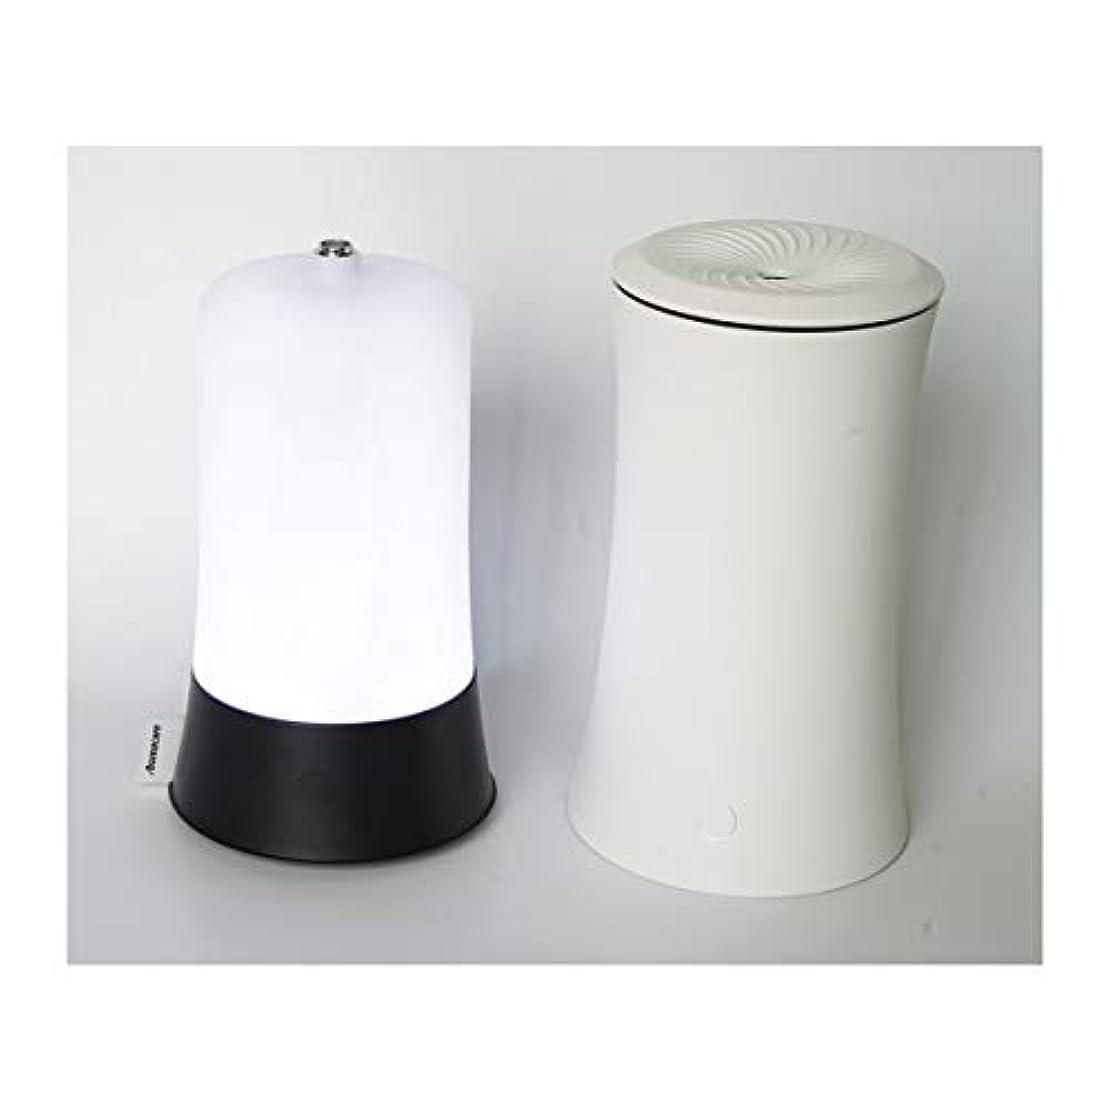 抽象化維持する痴漢ウッドグレイン超音波アロマクールミスト300mlエッセンシャルオイルディフューザー、アロマ加湿器付き、水なしオートシャットオフ、7色LEDライトホームオフィス用ベビーホワイト